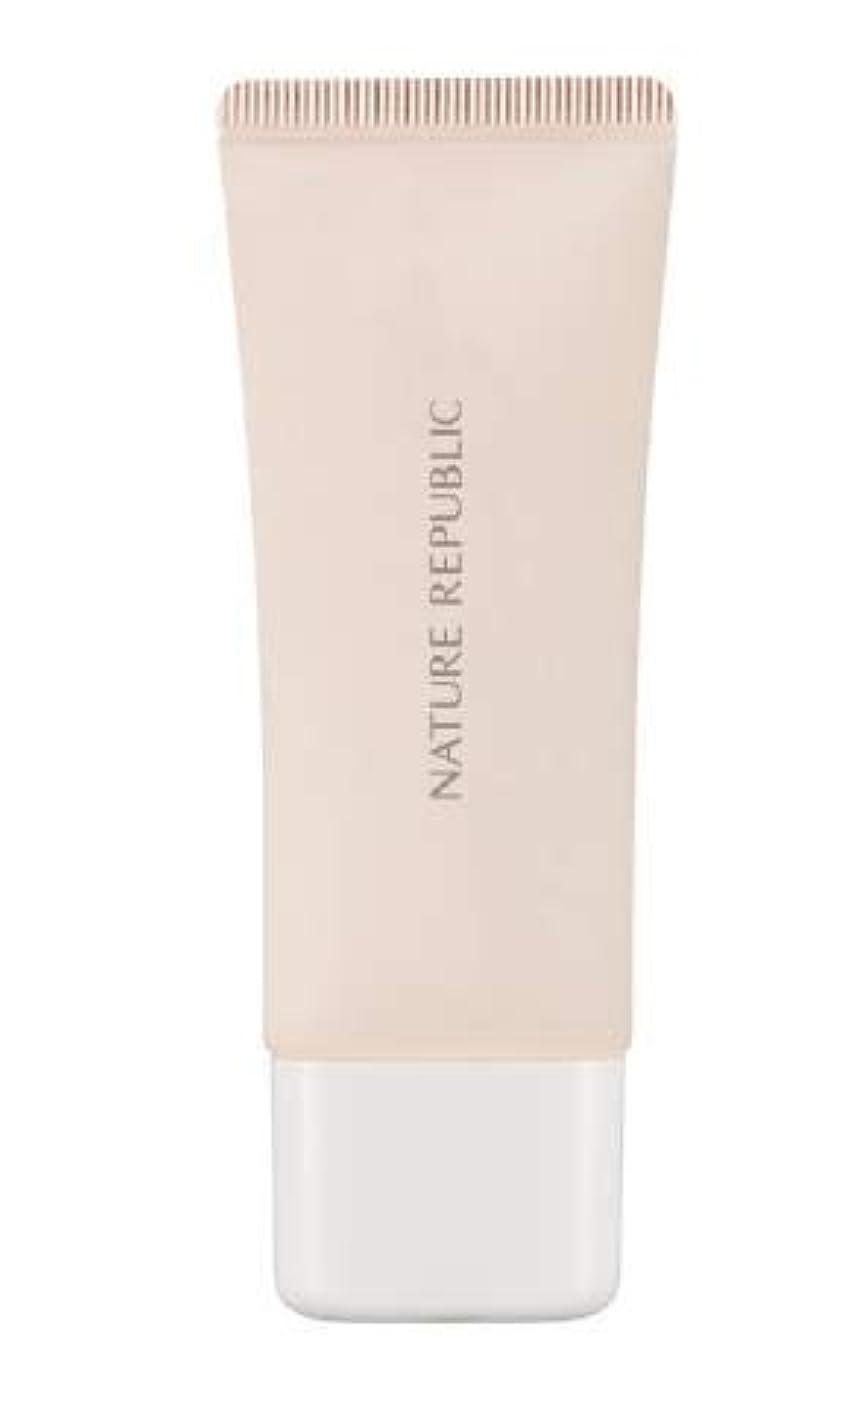 つかむ肥沃な登るNature Republic Pure Shine Makeup Base # 02 Vanilla Pink/ネイチャーリパブリック ピュアシャインメイクアップベース#02バニラピンクSPF20 PA++ [並行輸入品]